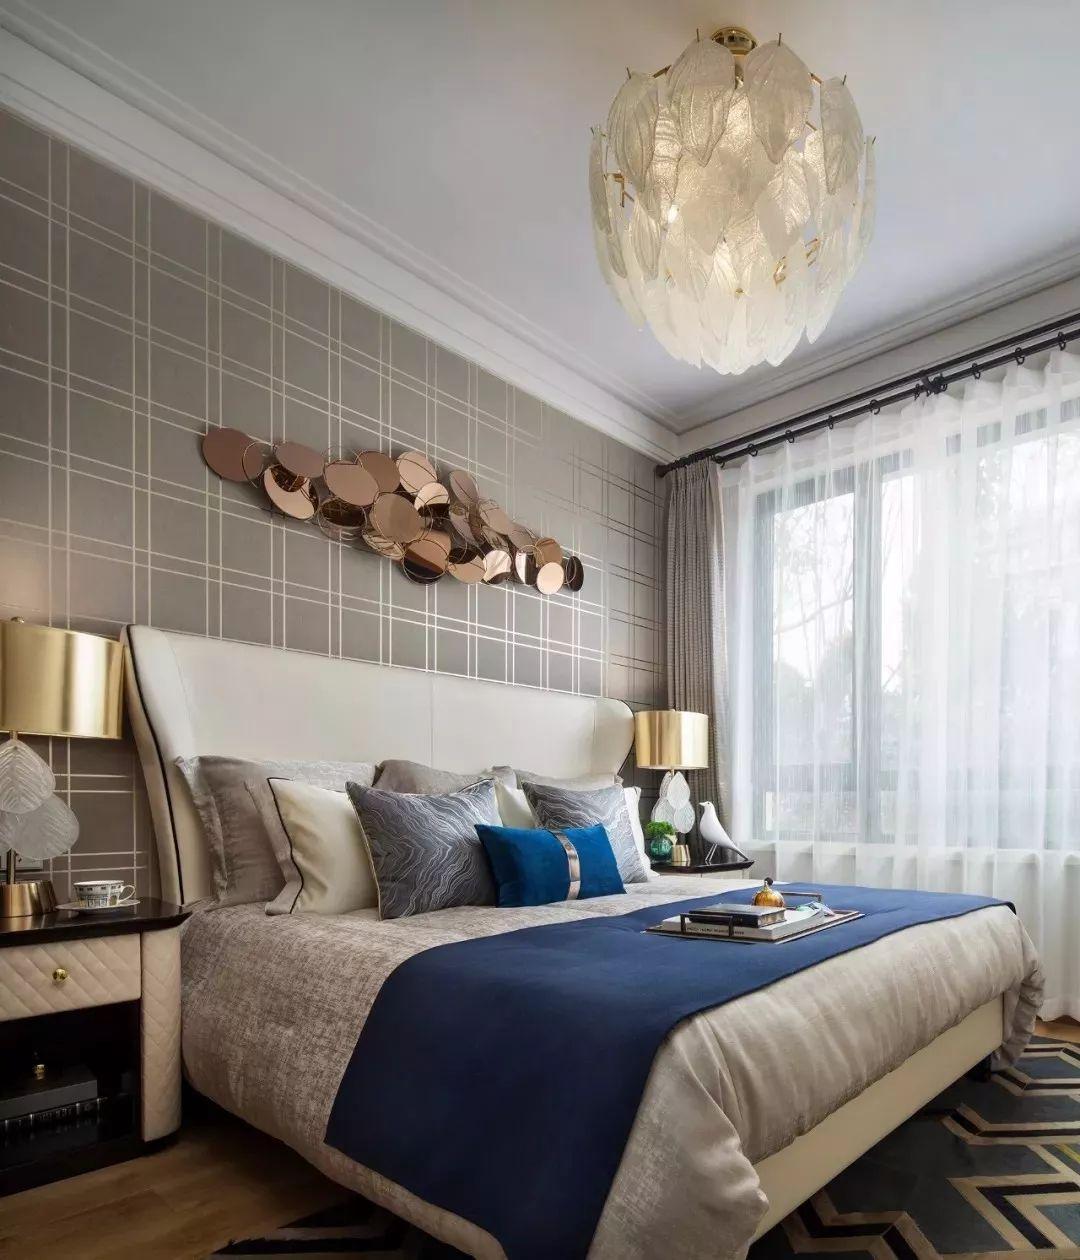 各式金属工艺品,以金属线条镶嵌的家具,结合几何元素纹理装饰,折射出质感与奢华并存的现代都市时尚。